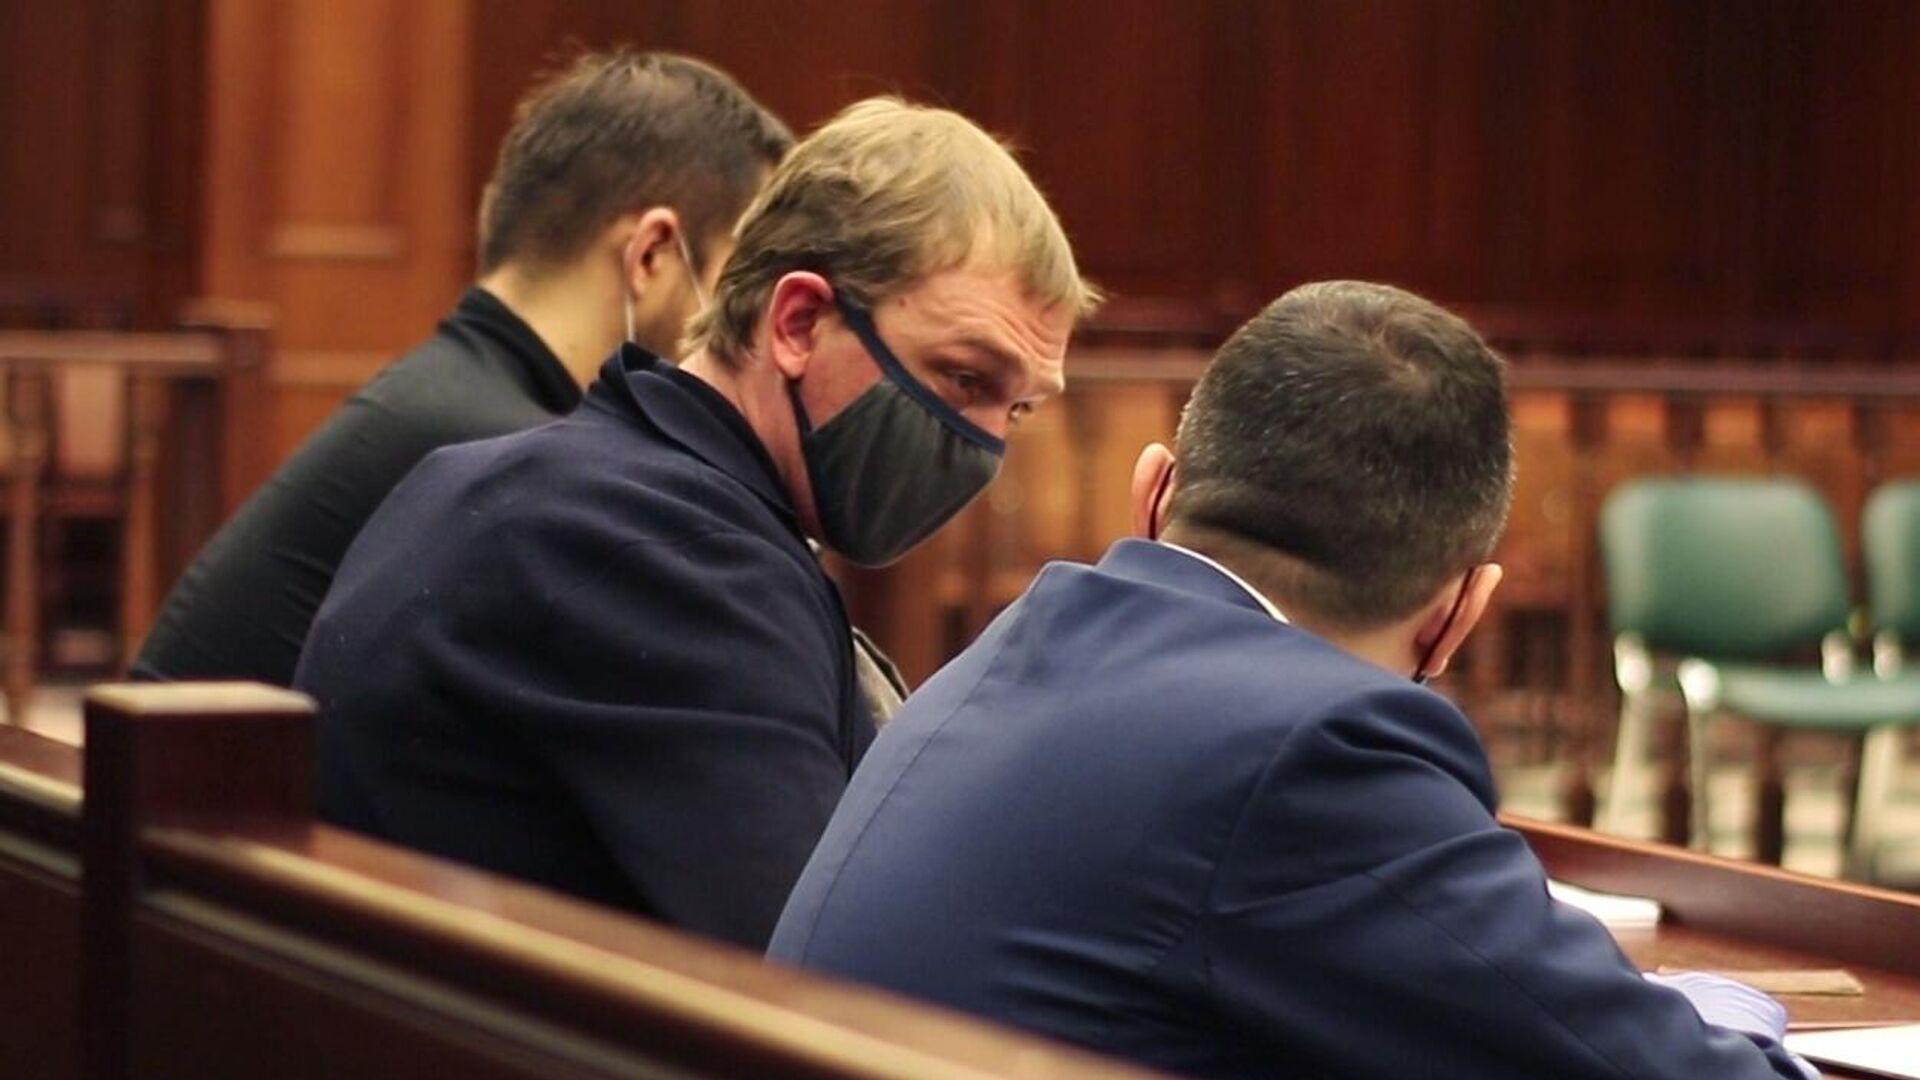 Прокурор: Голунову приписали распространение наркотиков в двух клубах